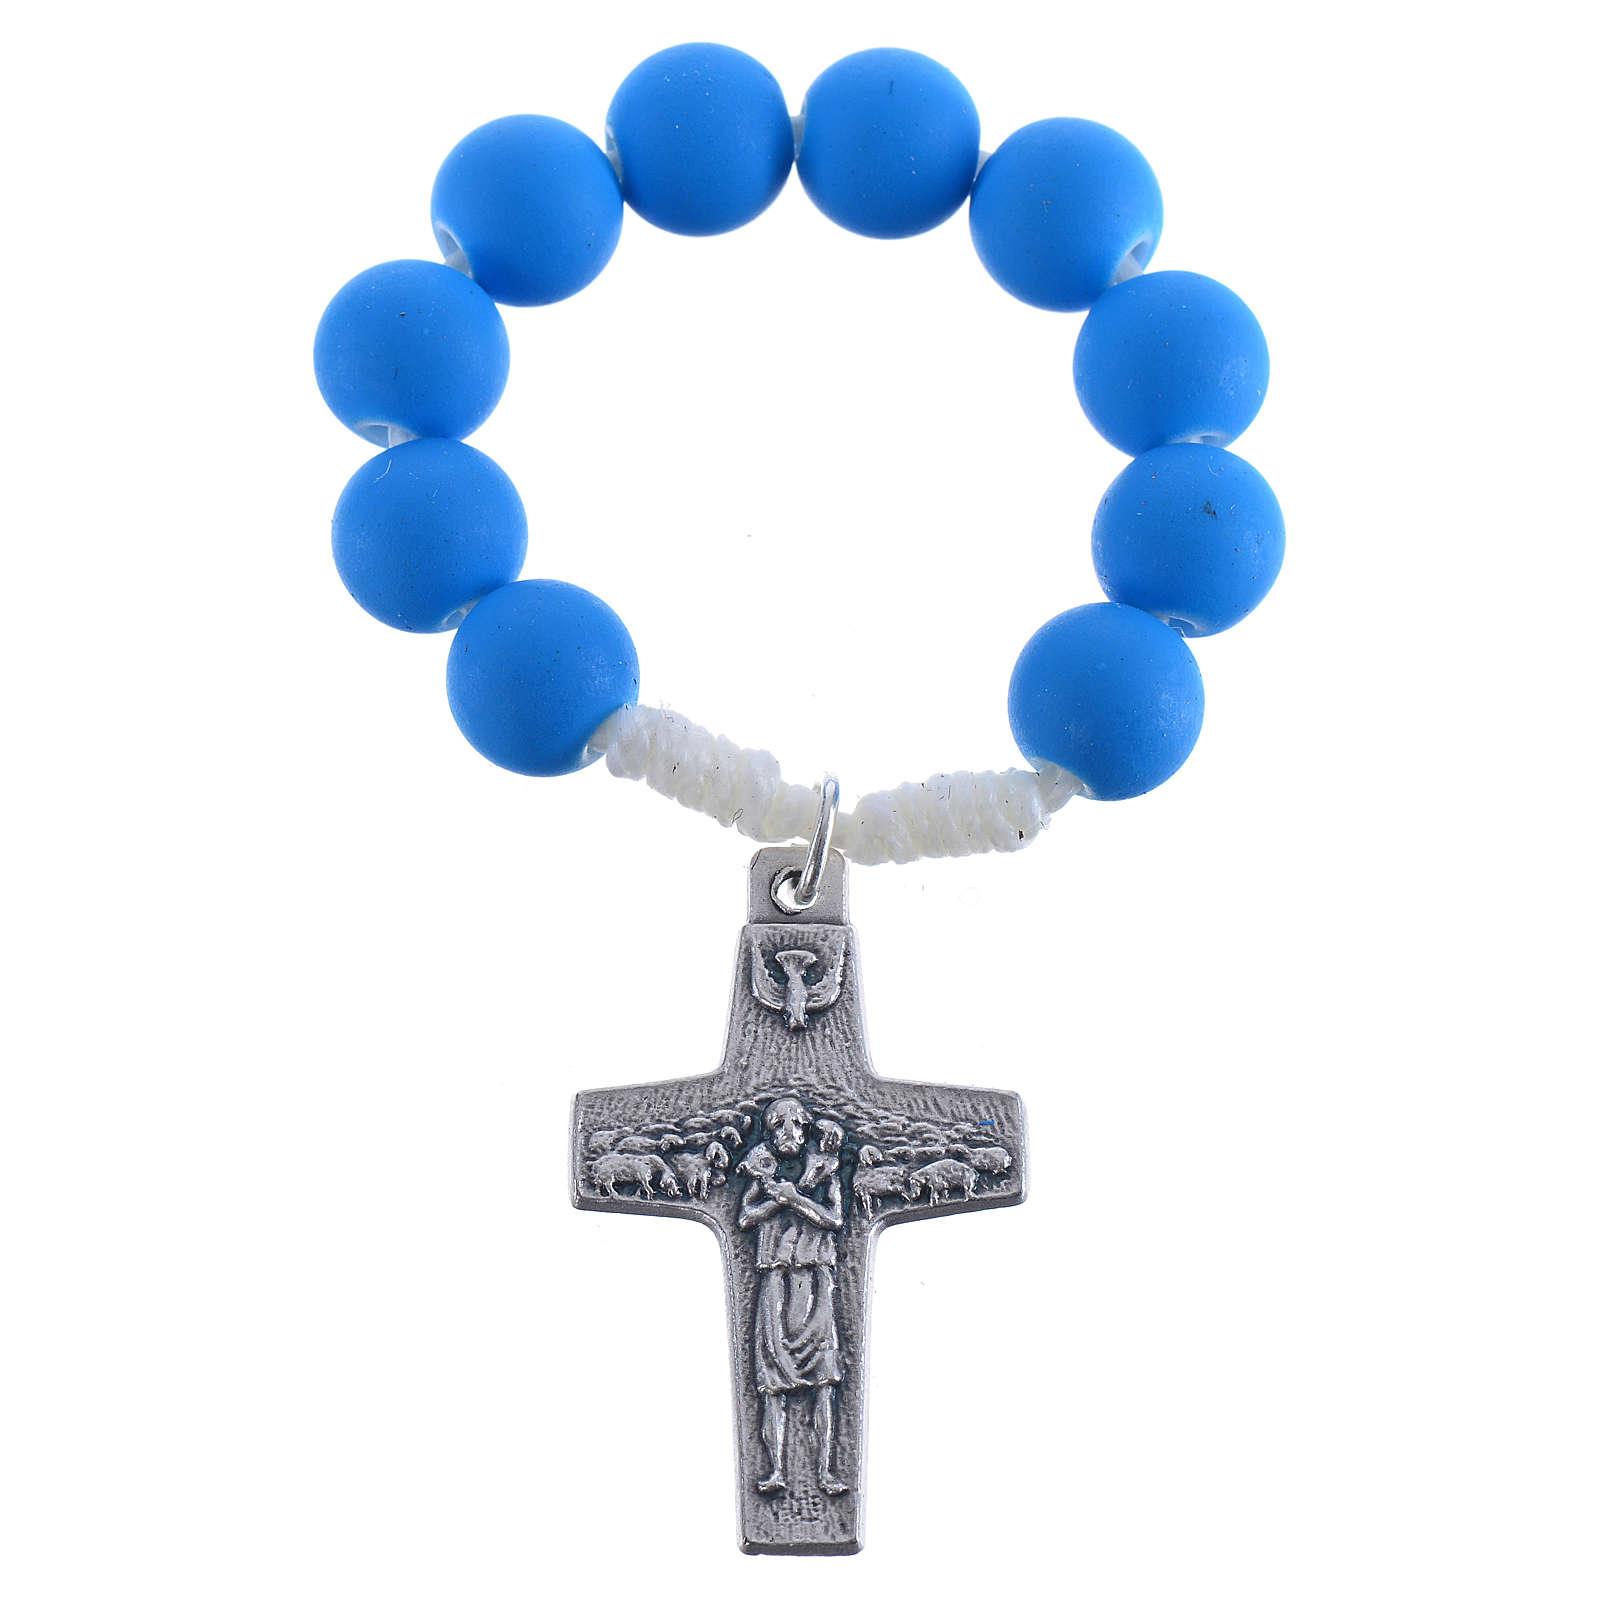 Rosario decena de fimo azul Papa Francisco 4